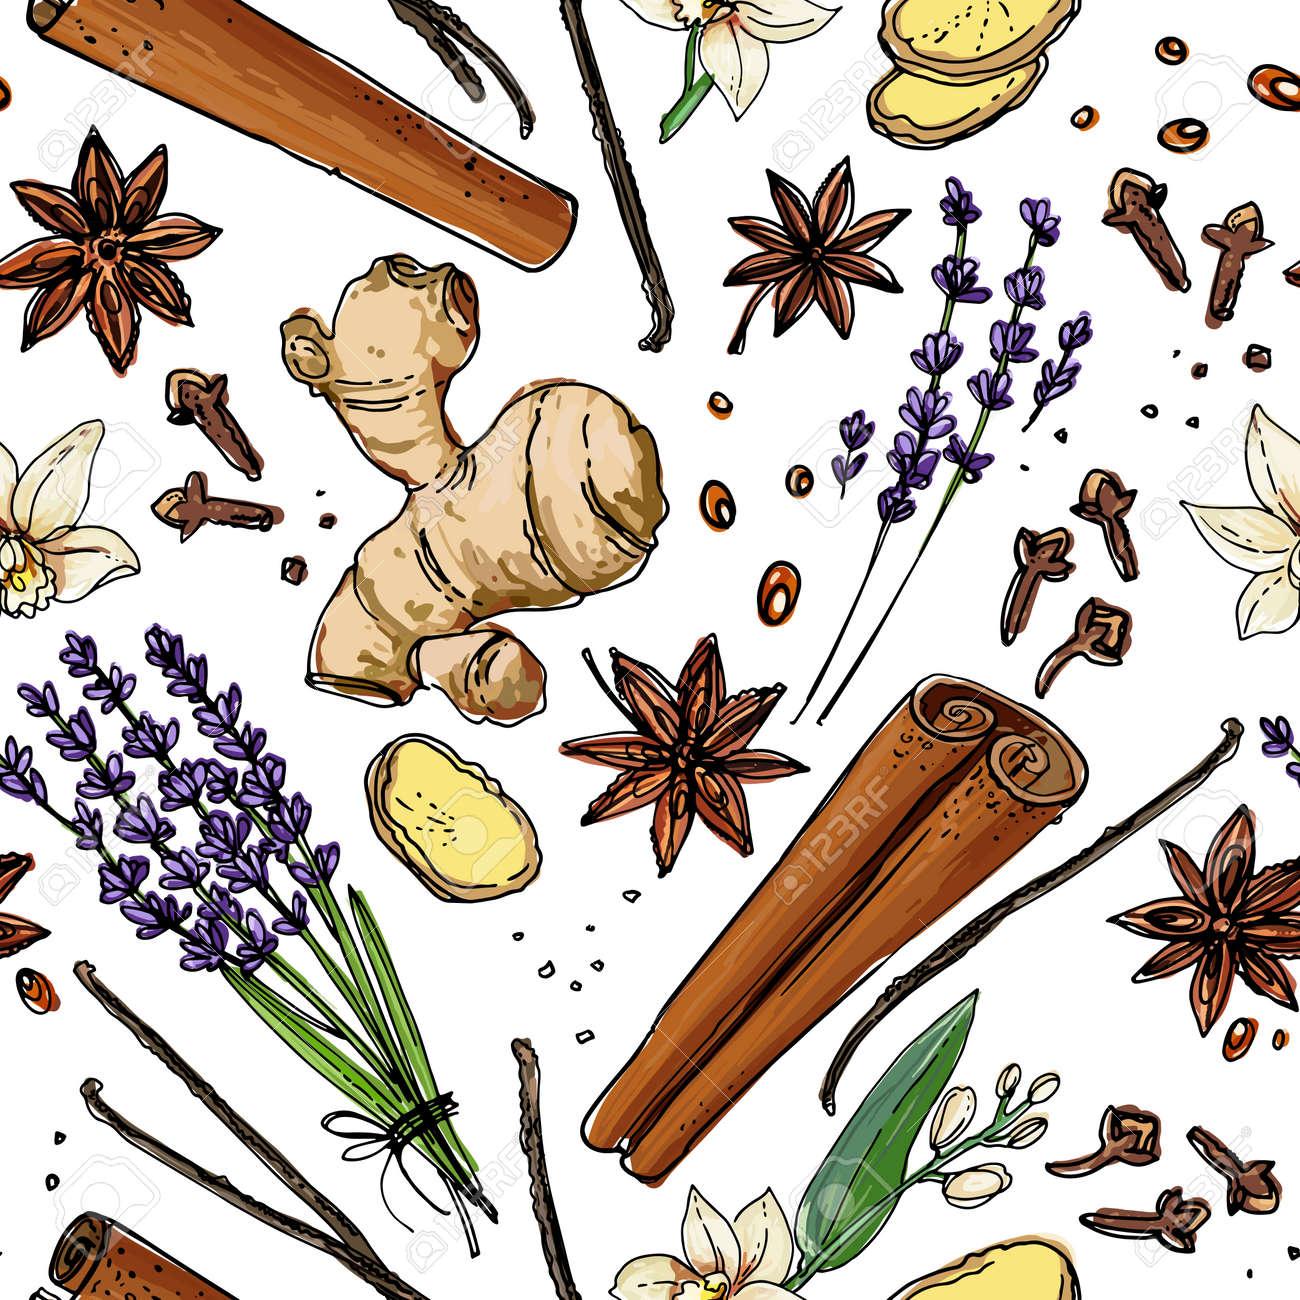 Vector pattern Nuts. Colored sketch of food. Farm peanuts, walnuts, cashews, almonds, hazelnuts - 173006149